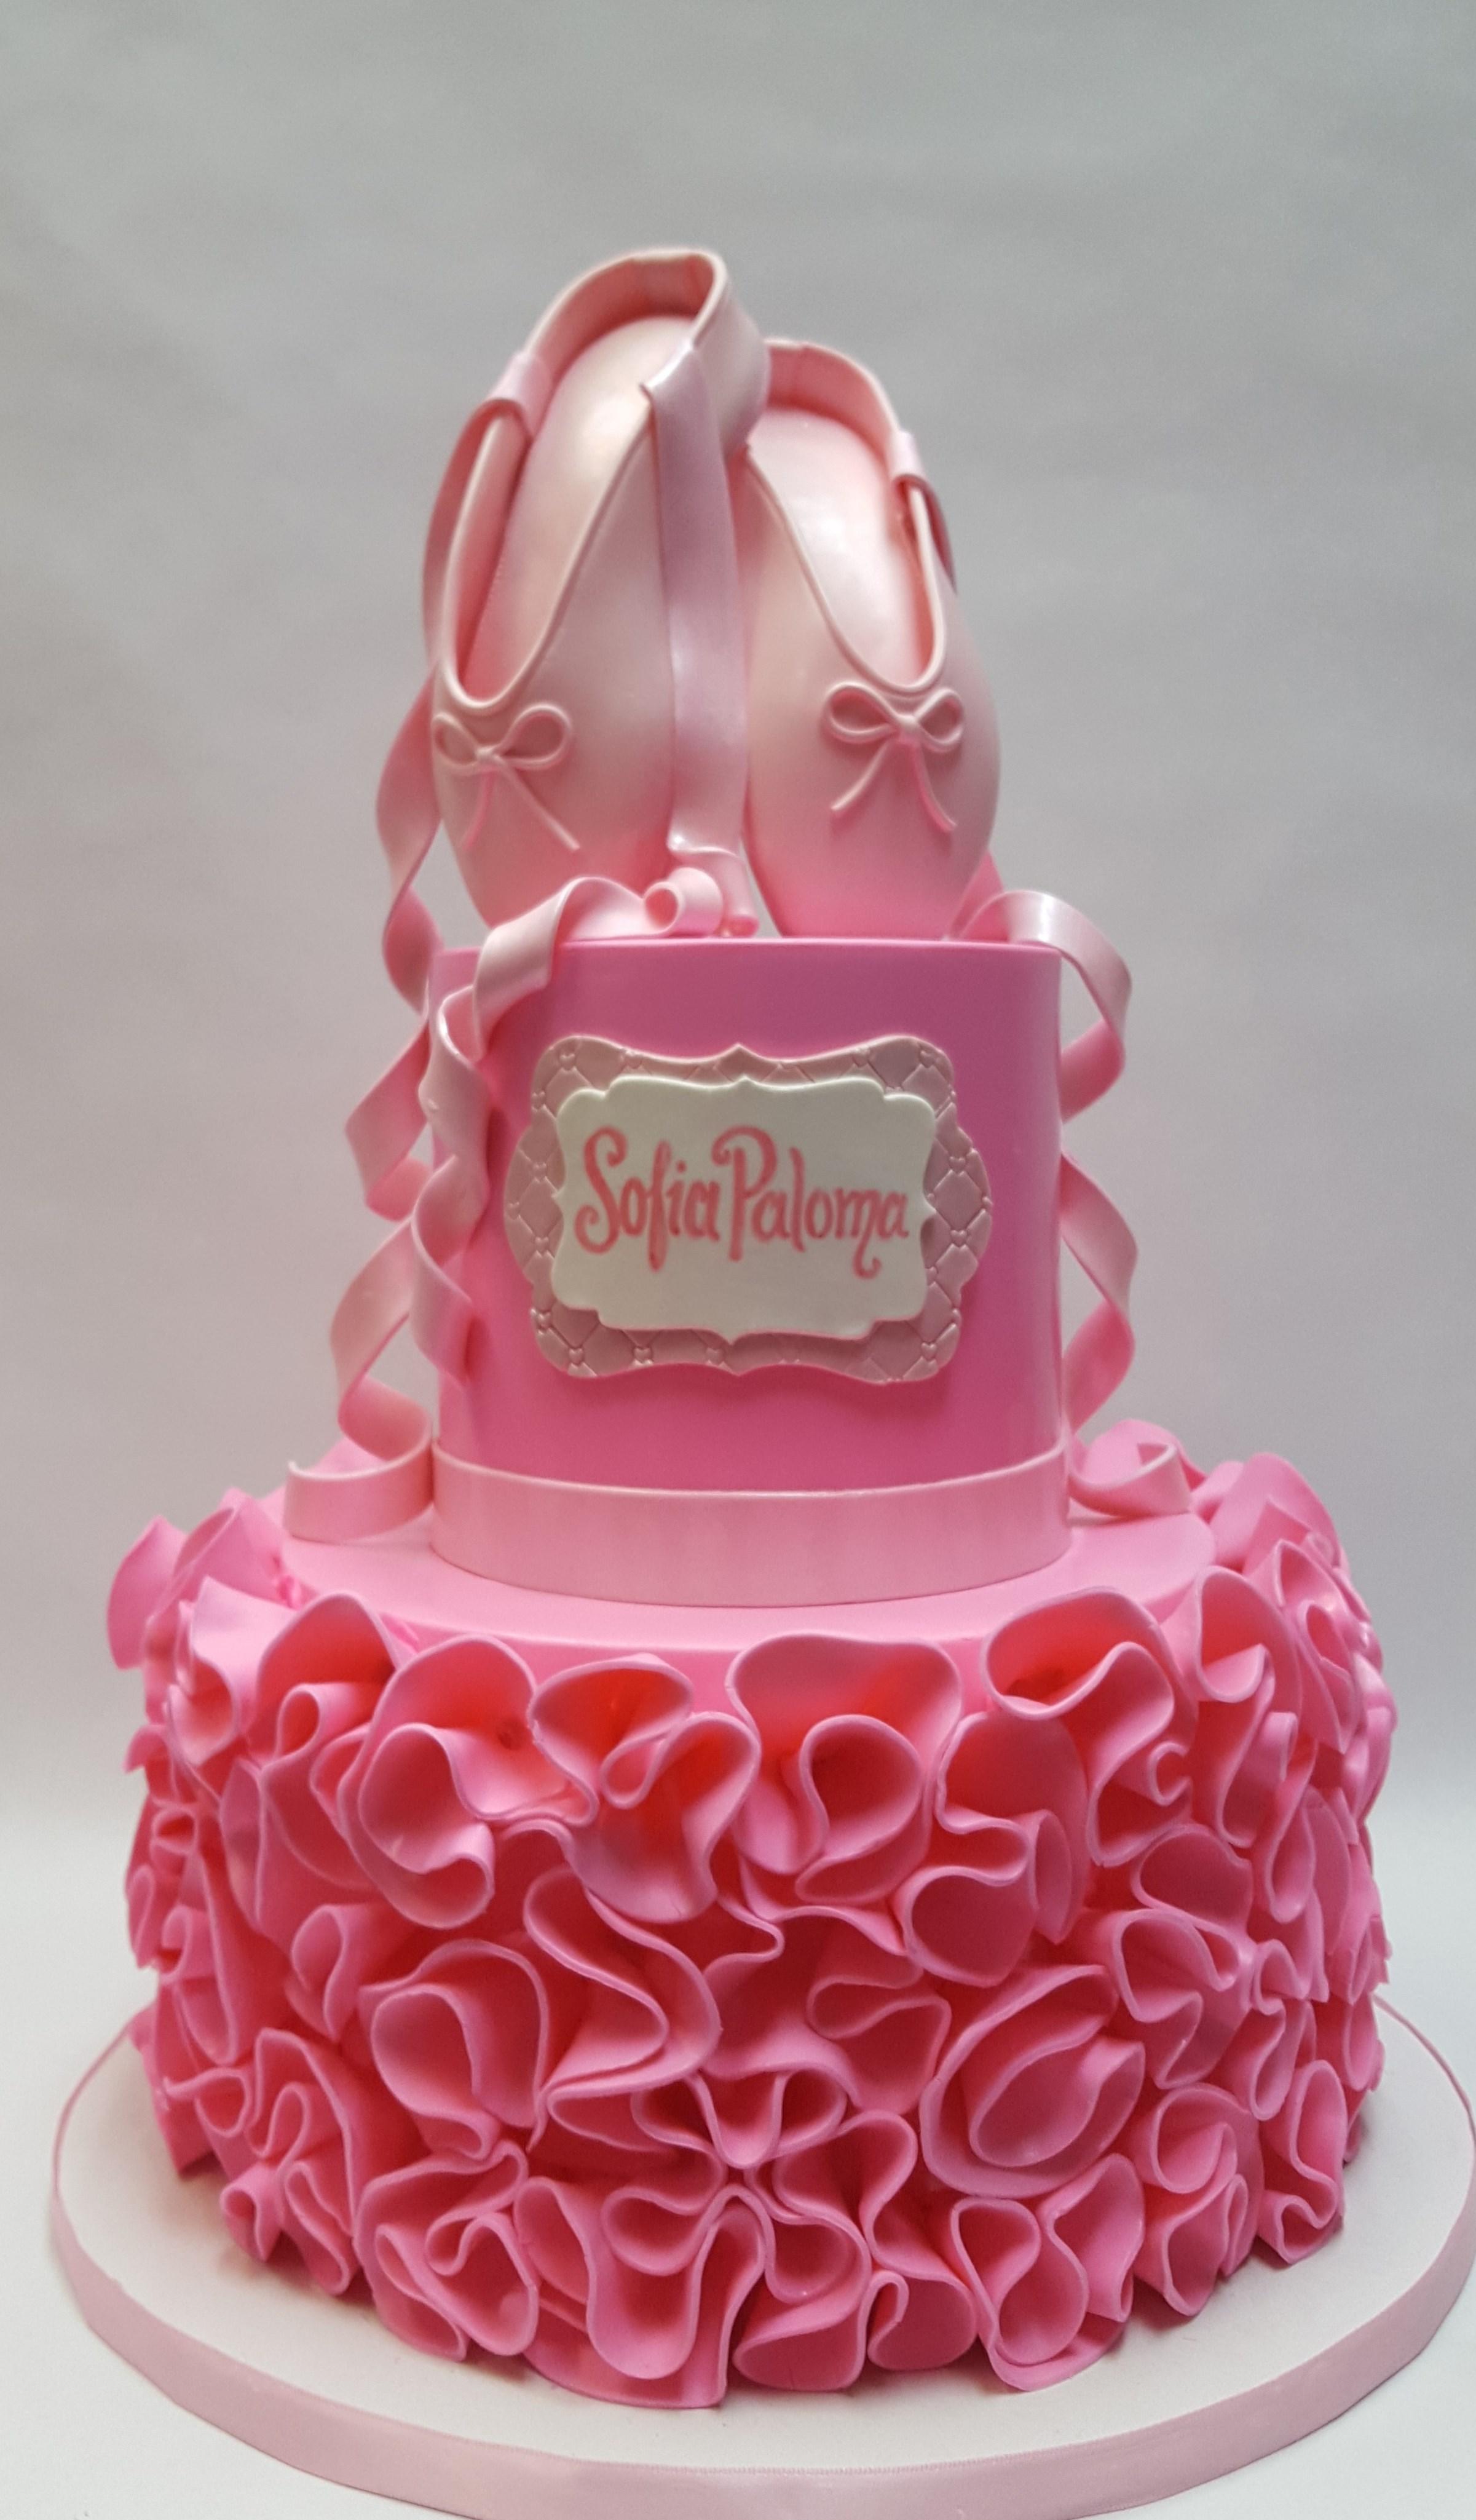 Pink ruffled ballerina birthday cake